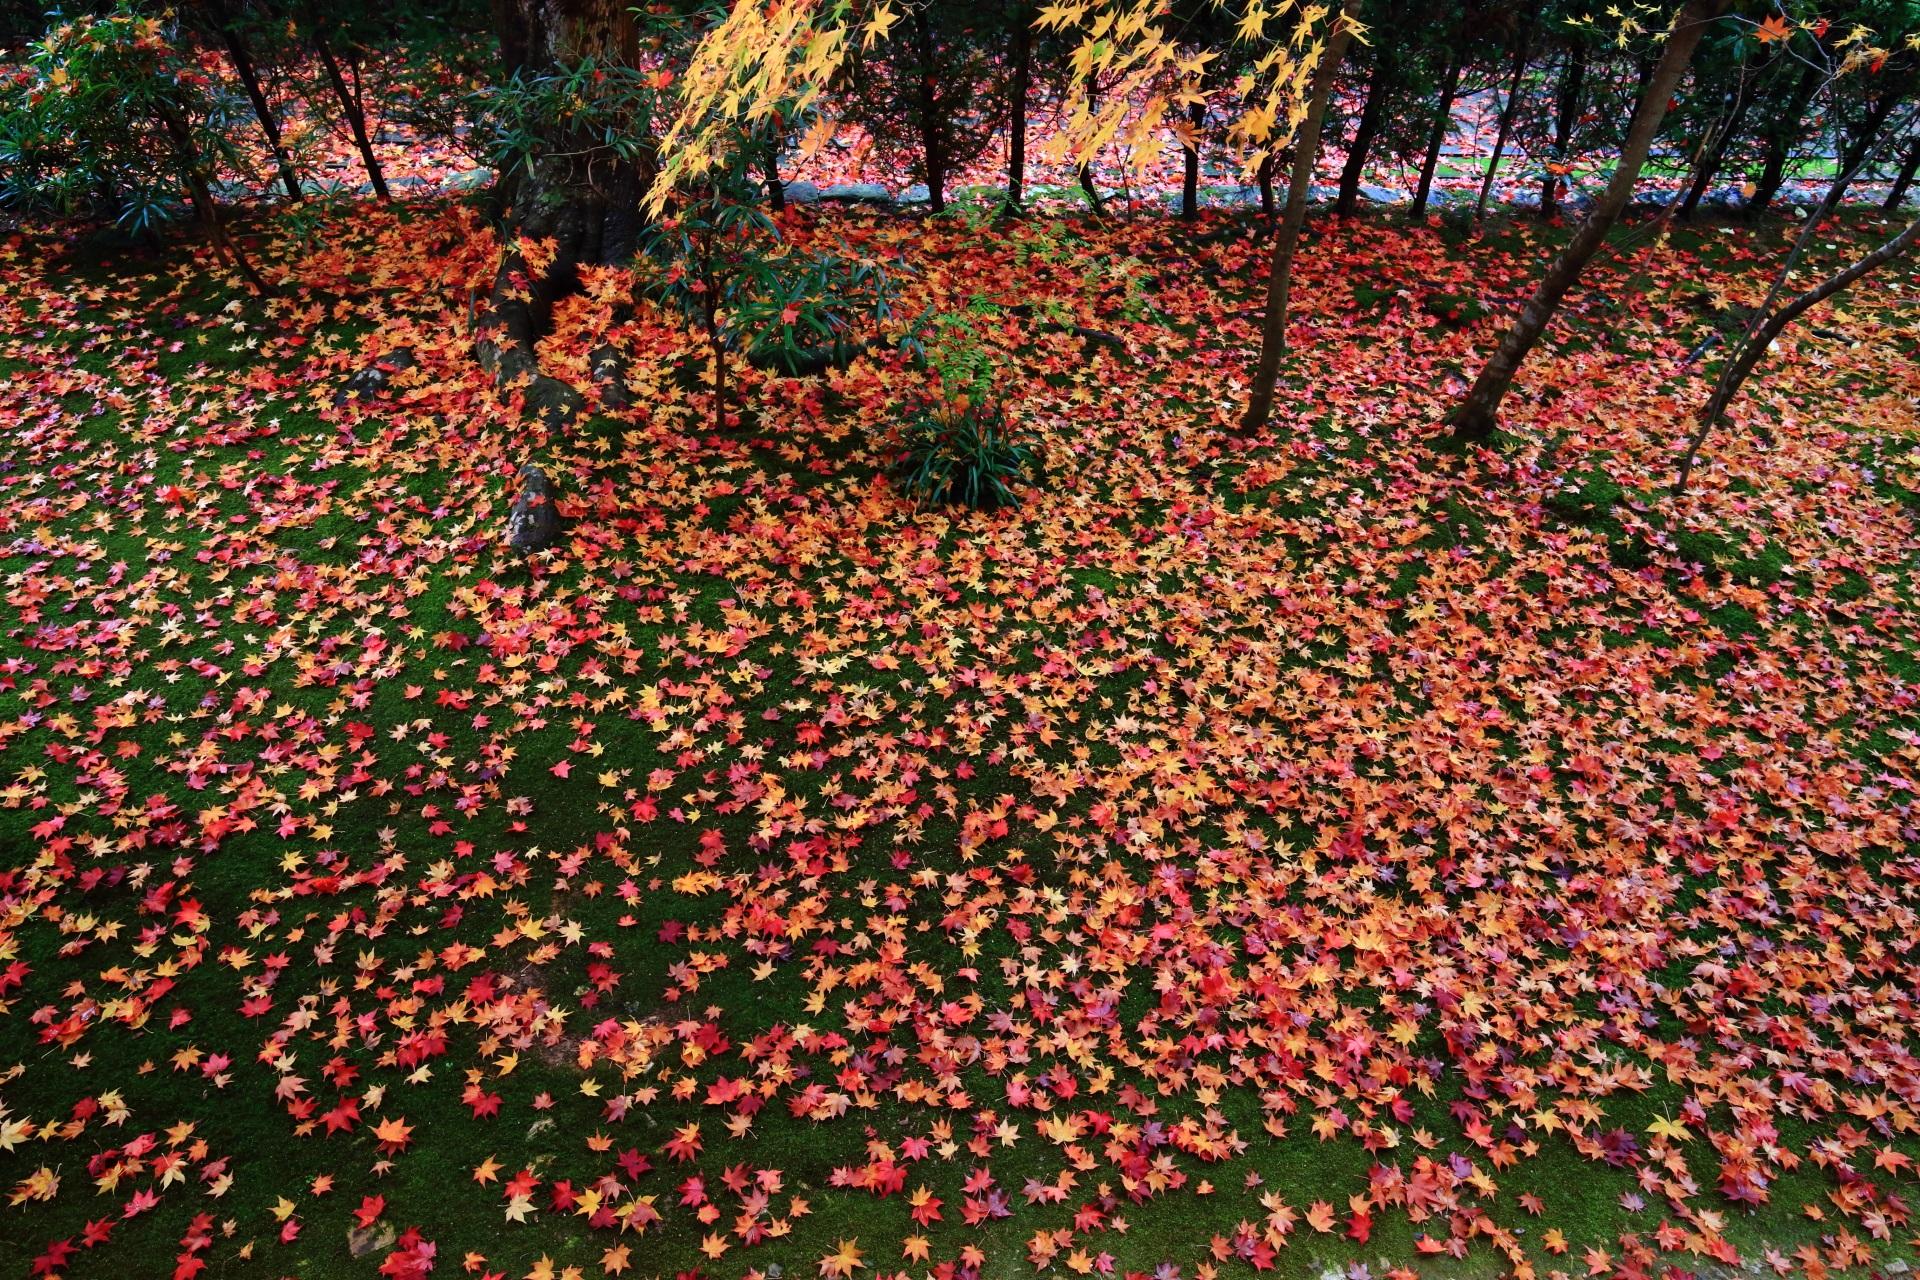 緑の苔を覆う色とりどりの散り紅葉